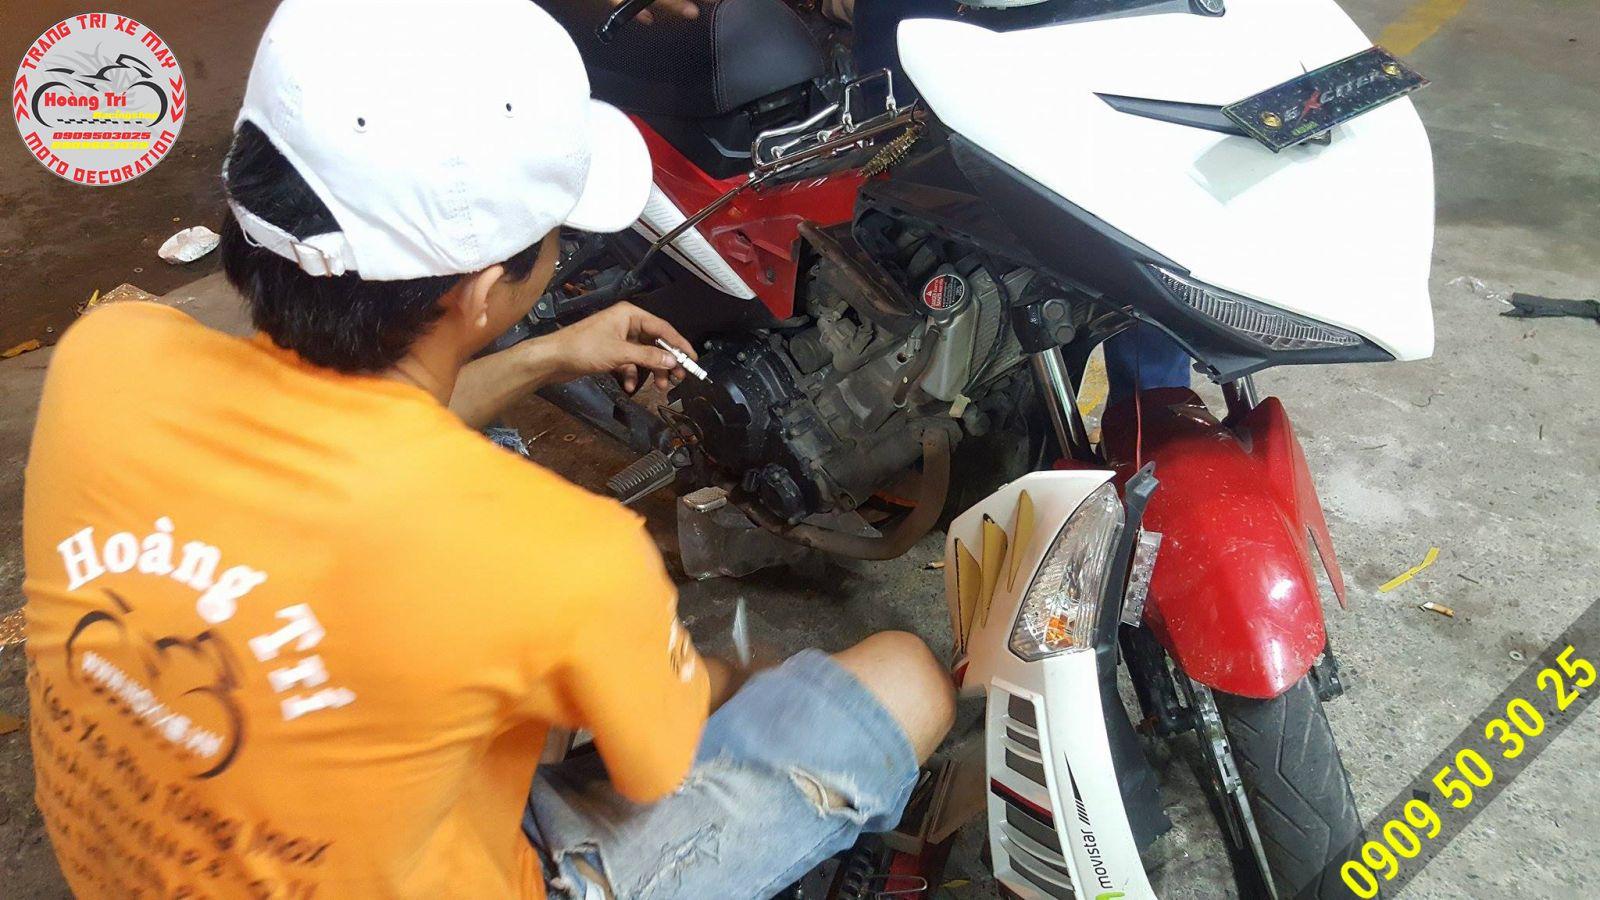 Nhân viên Hoàng Trí Racing Shop đang tháo bugi cũ và thay bugi denso iridium Power